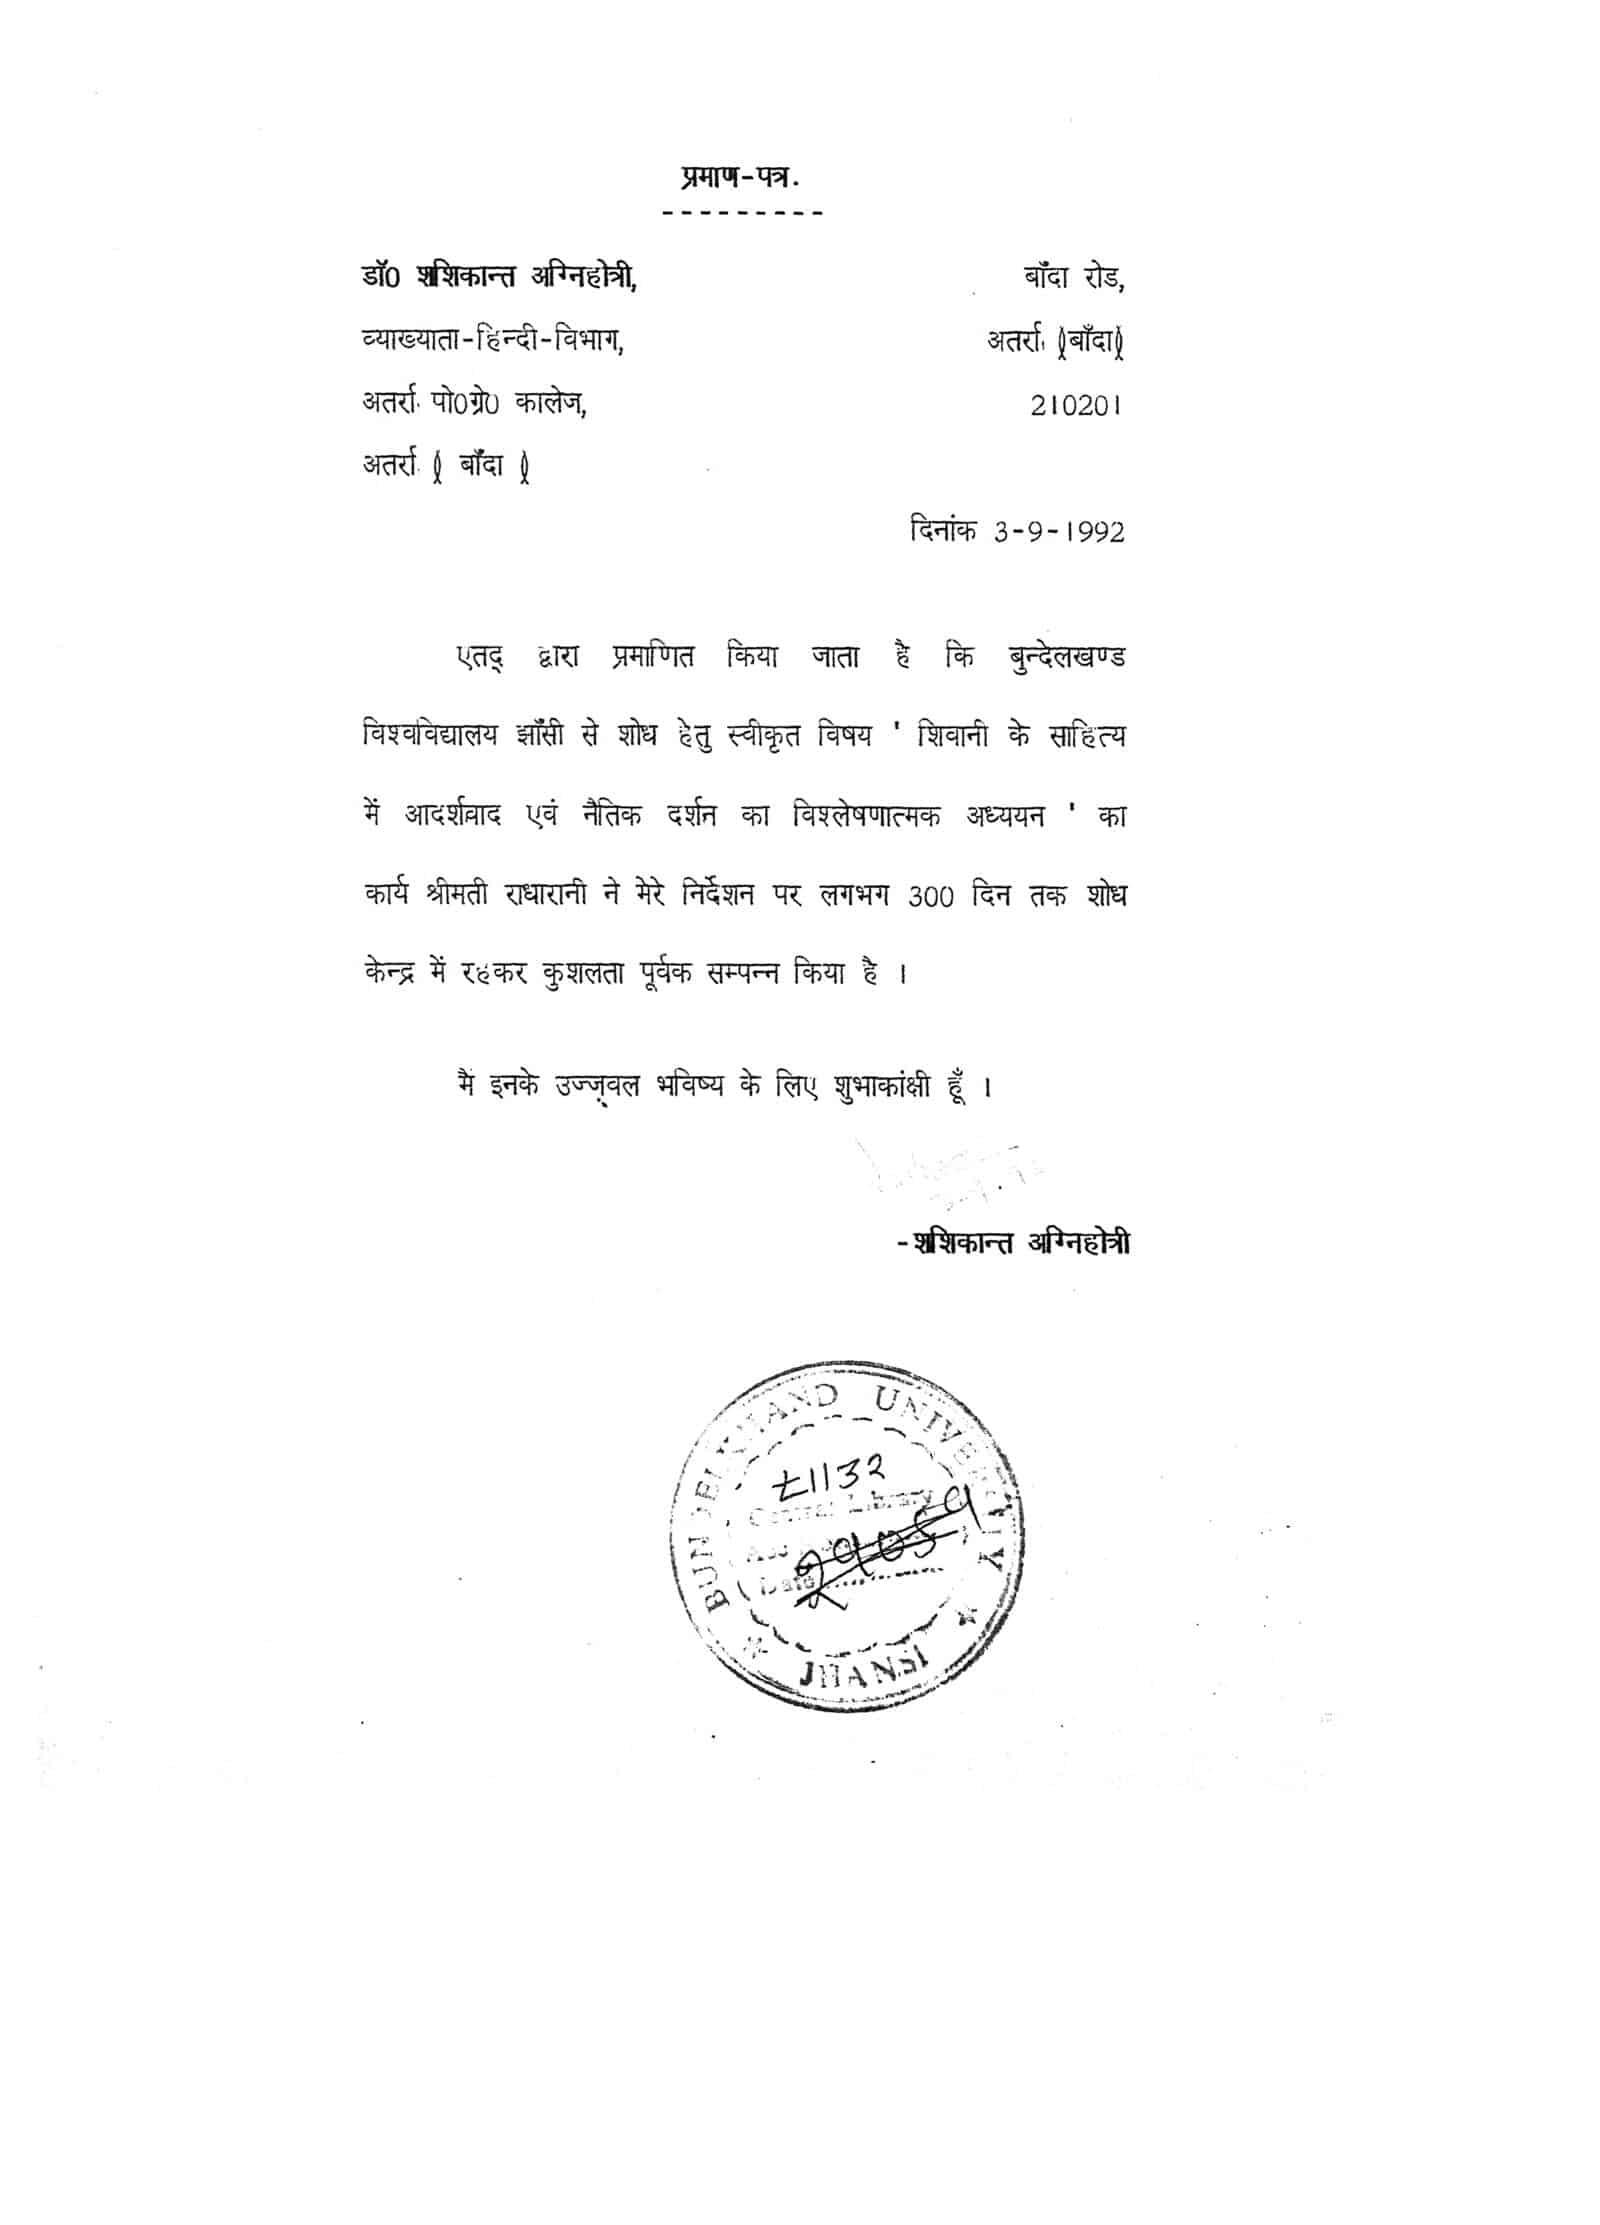 Shivani Ke Sahitya Mein Adarshvaad Avam Naetik Darshan Ka Vishleshnatmak Adhyyan by शशिकान्त अग्निहोत्री - Shashikaant Agnihotri